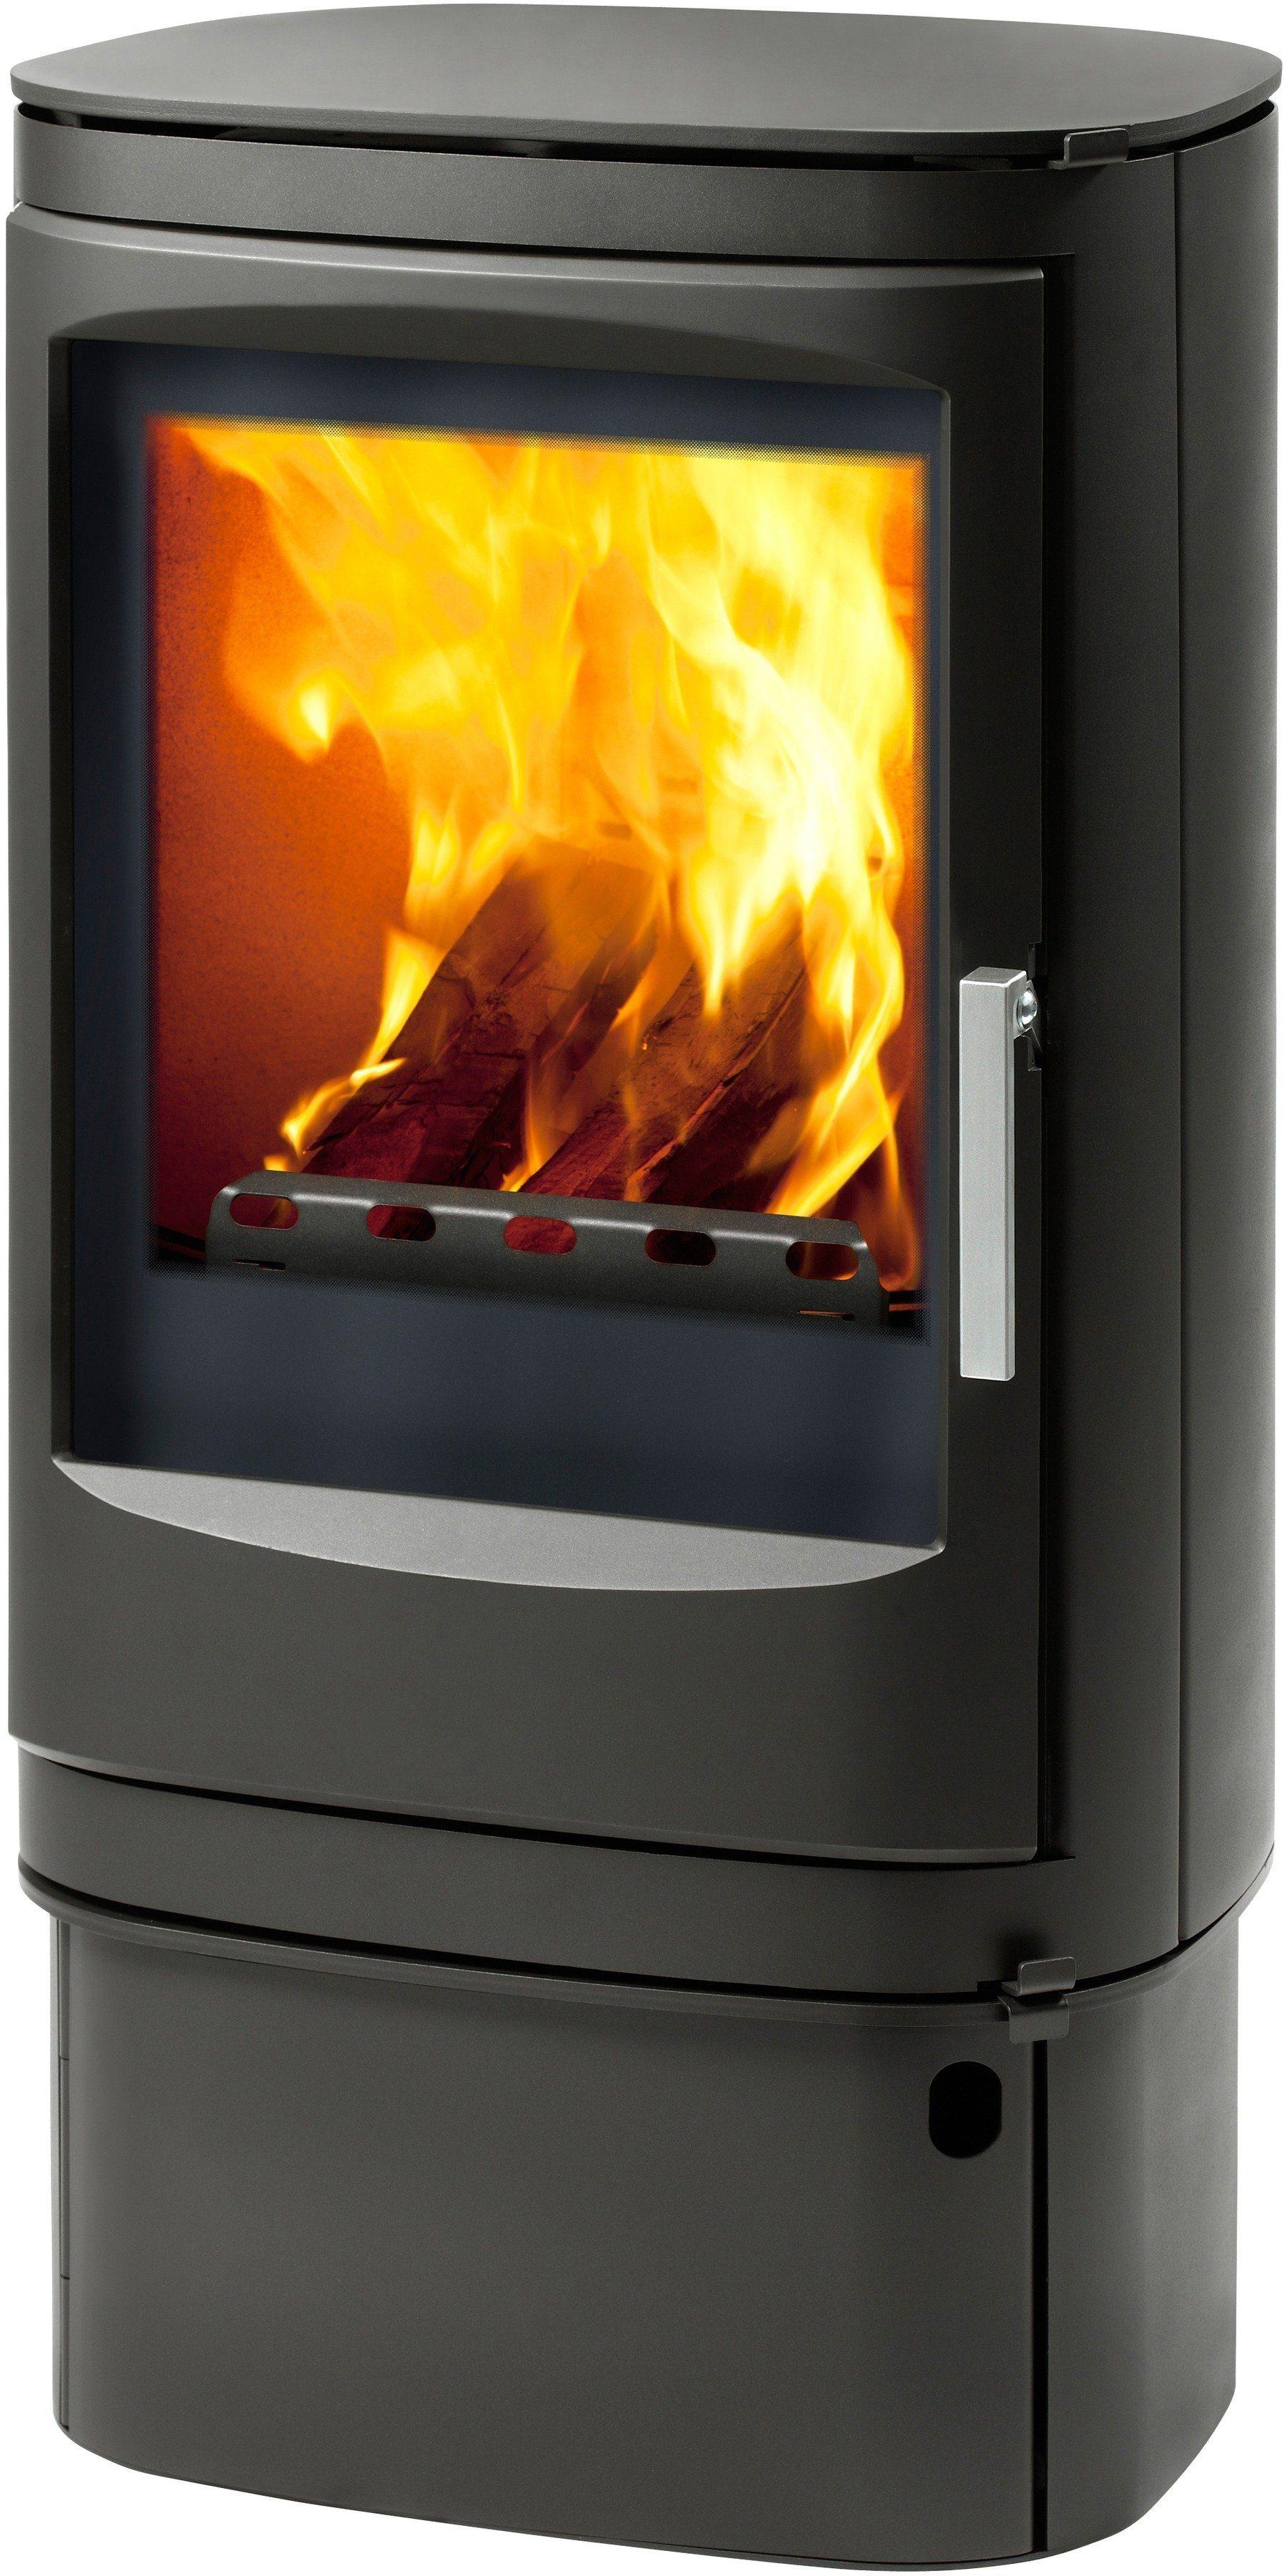 Kaminofen »Fuego 1« 5 kW, externe Luftzufuhr